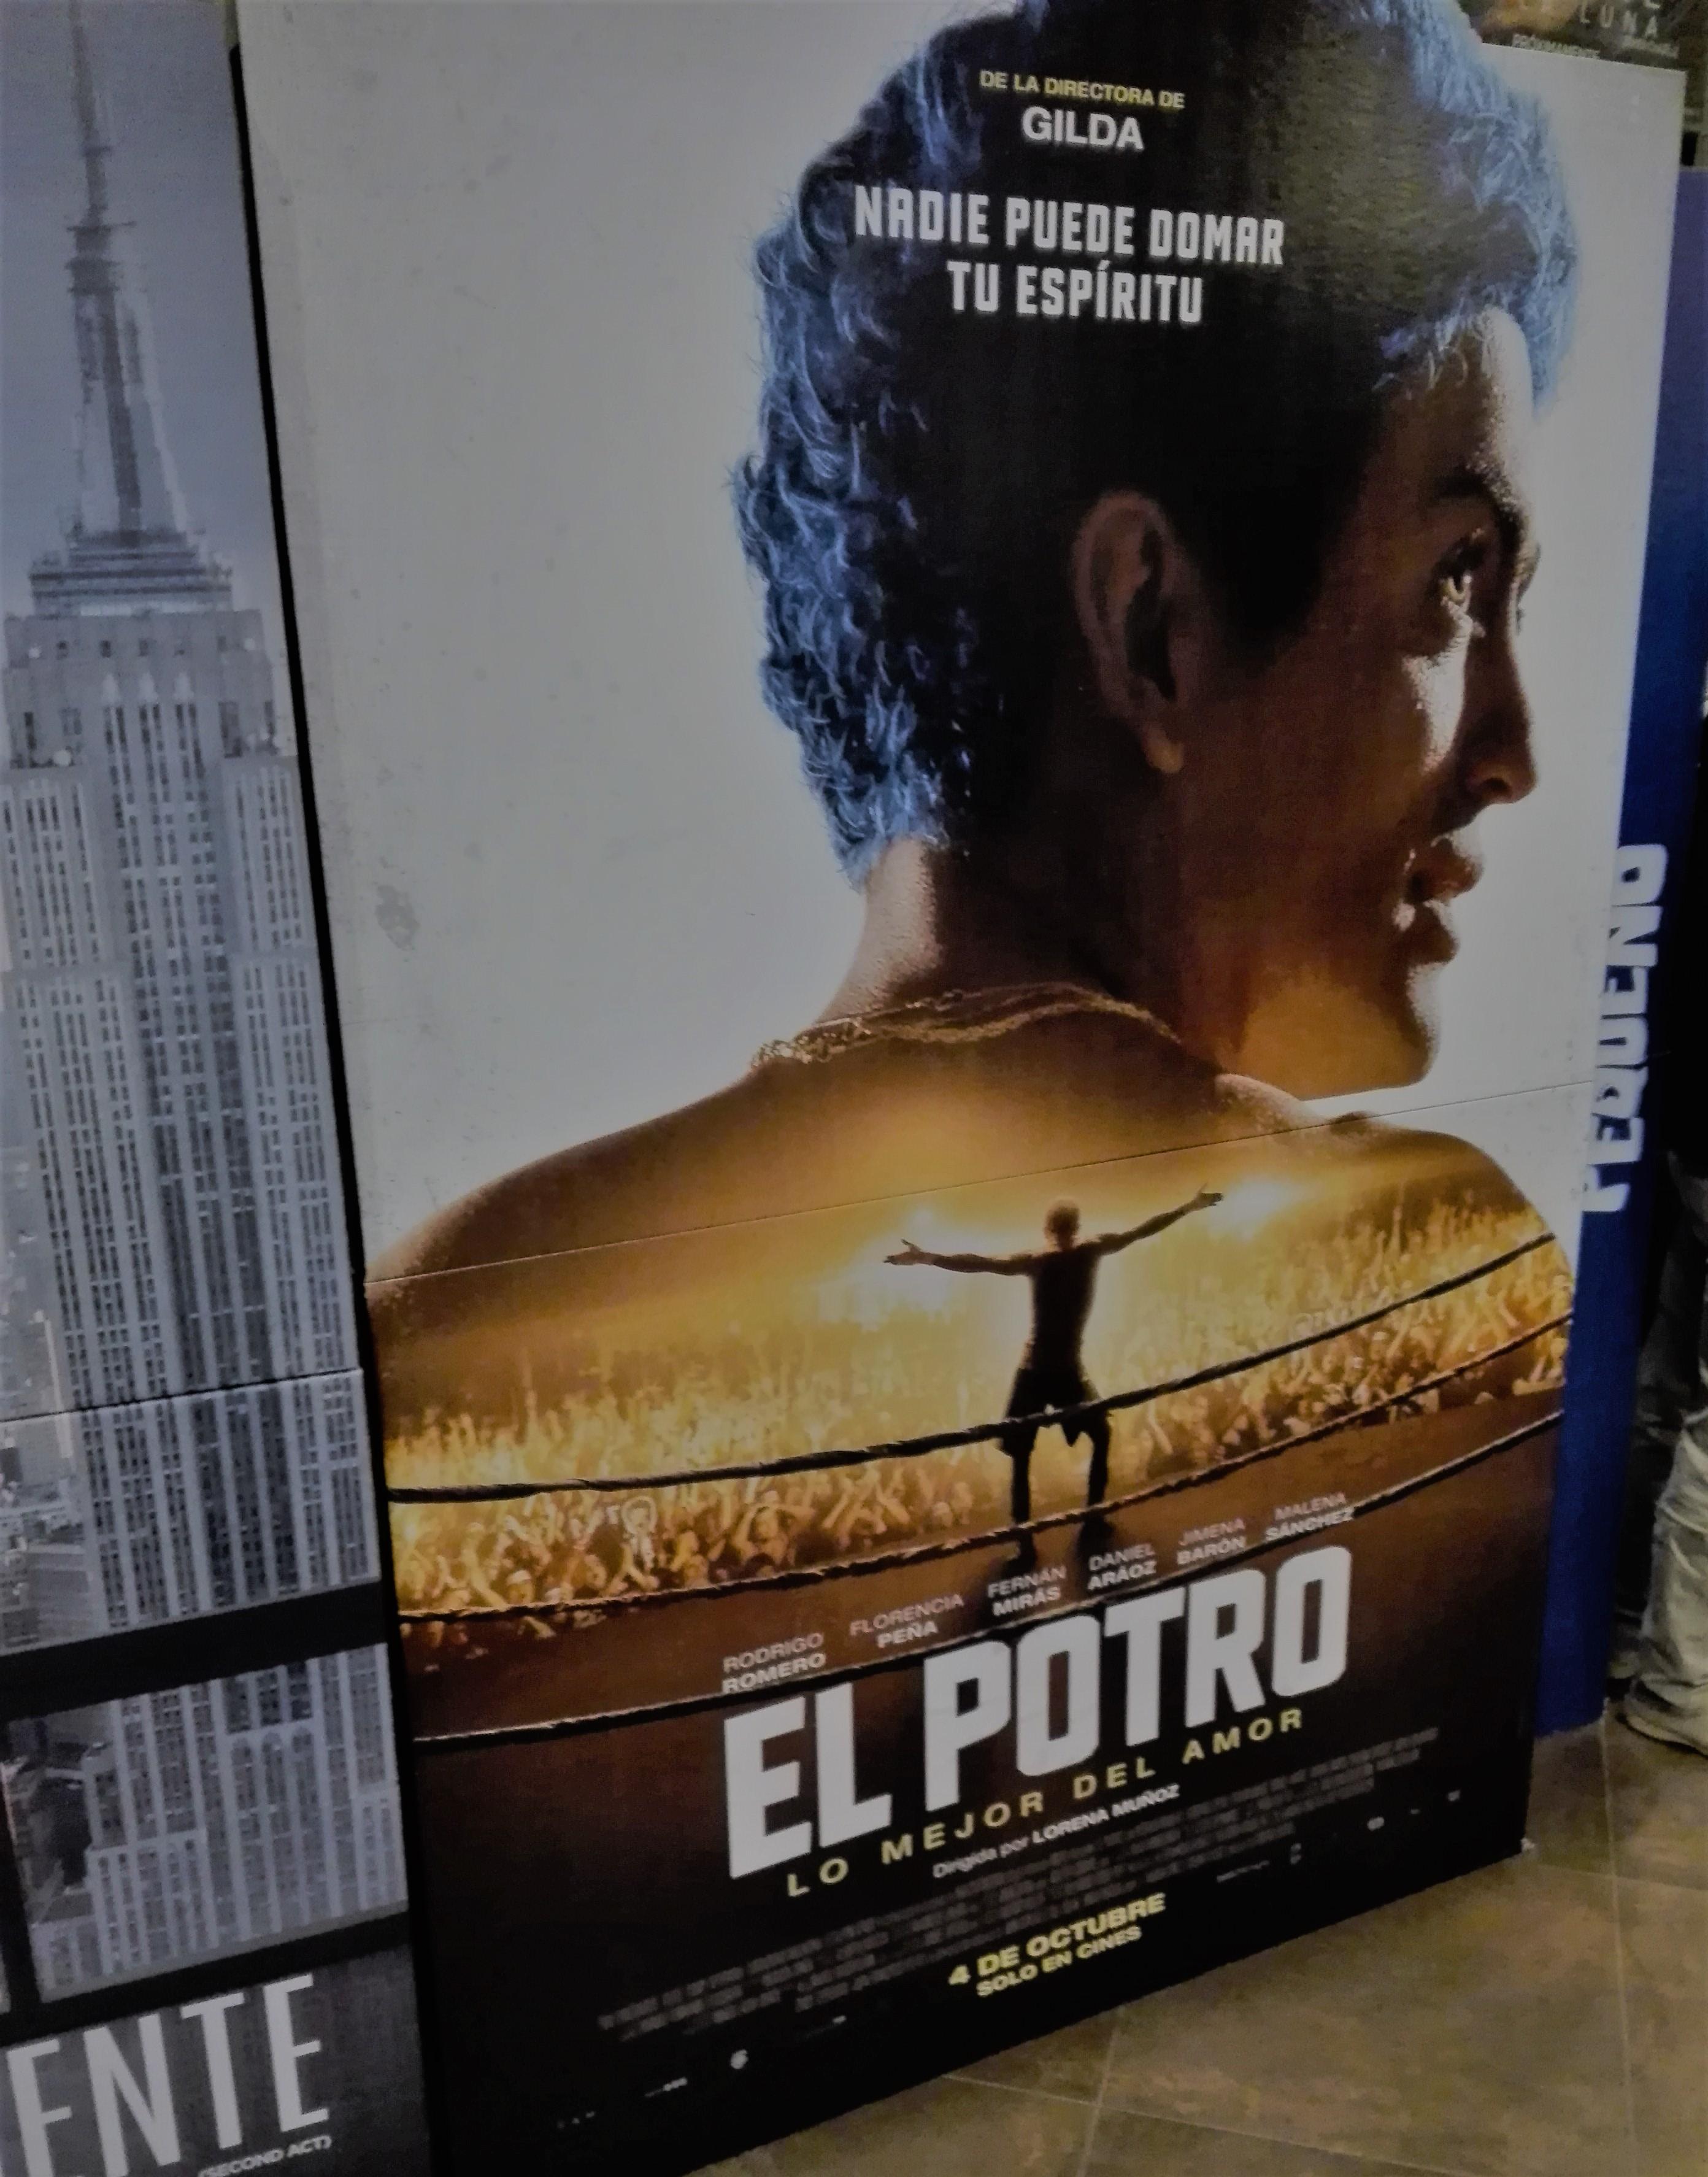 La ilusión de ser El Potro / Reseña